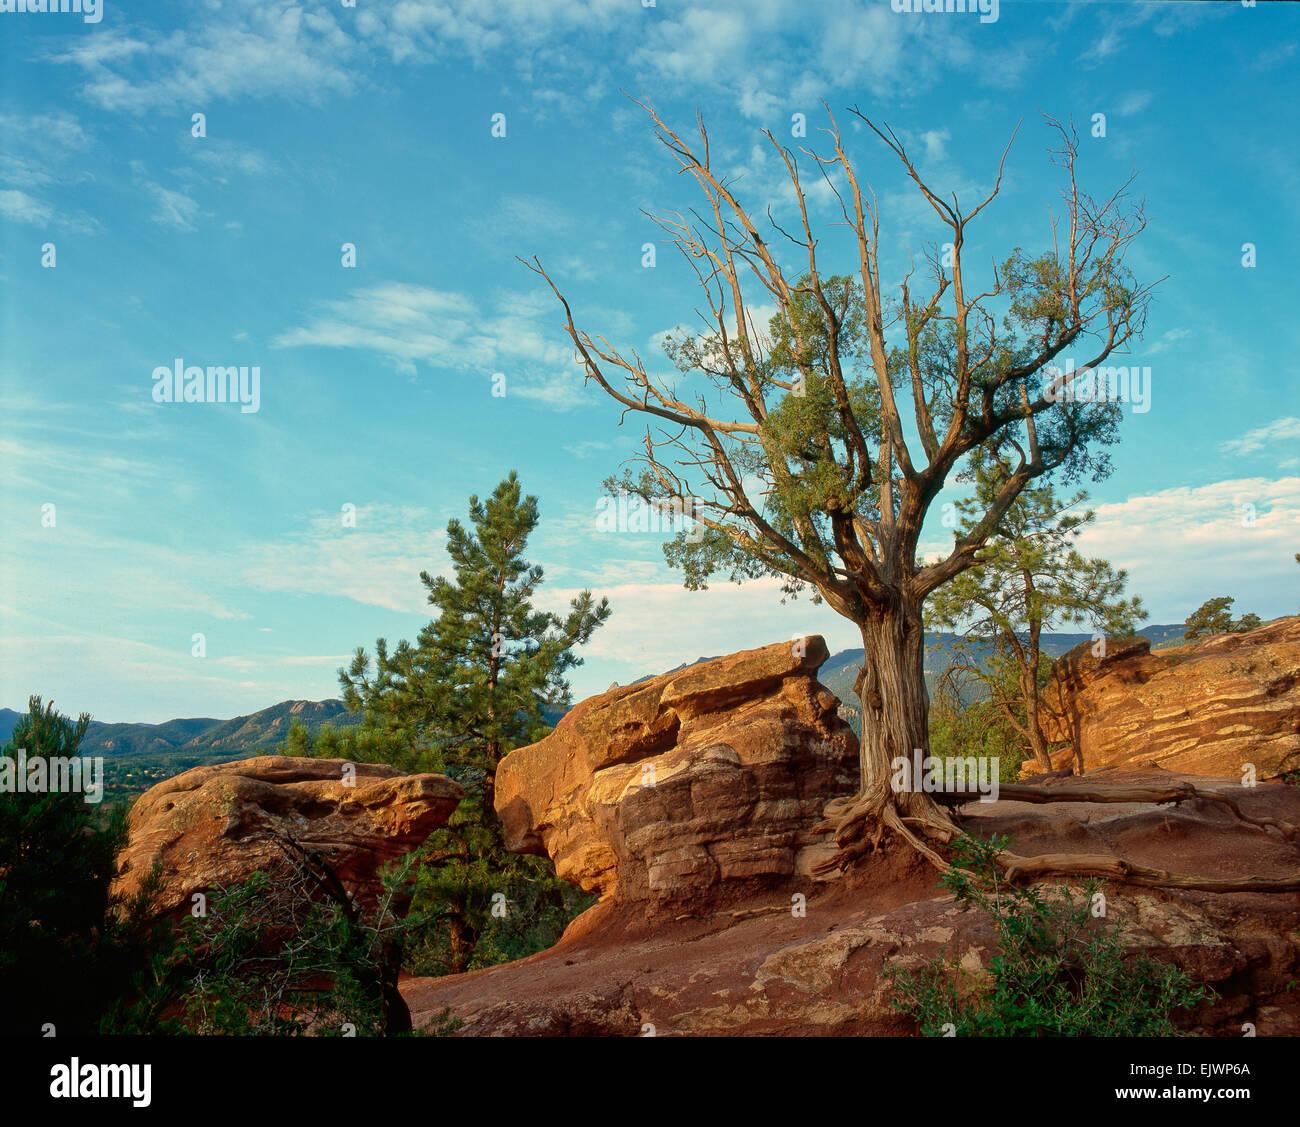 Garden of the Gods, Colorado Springs, CO - Stock Image